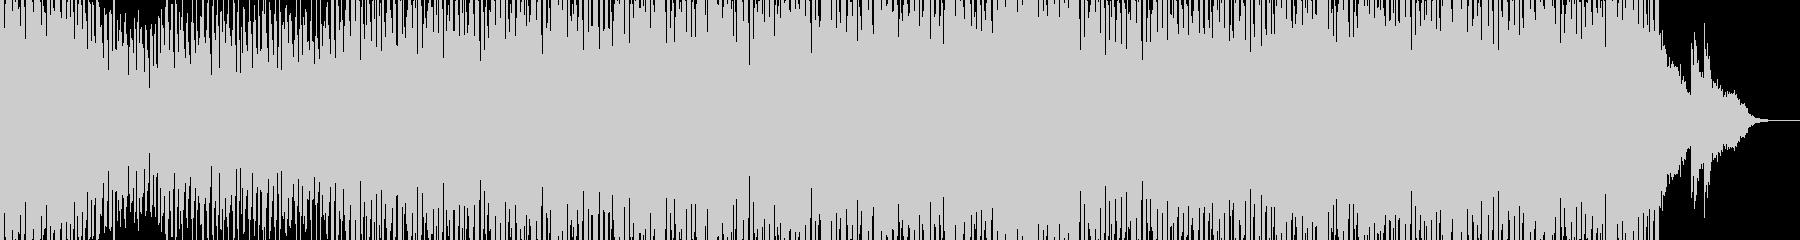 EDMクラブ系ダンスミュージック-95の未再生の波形